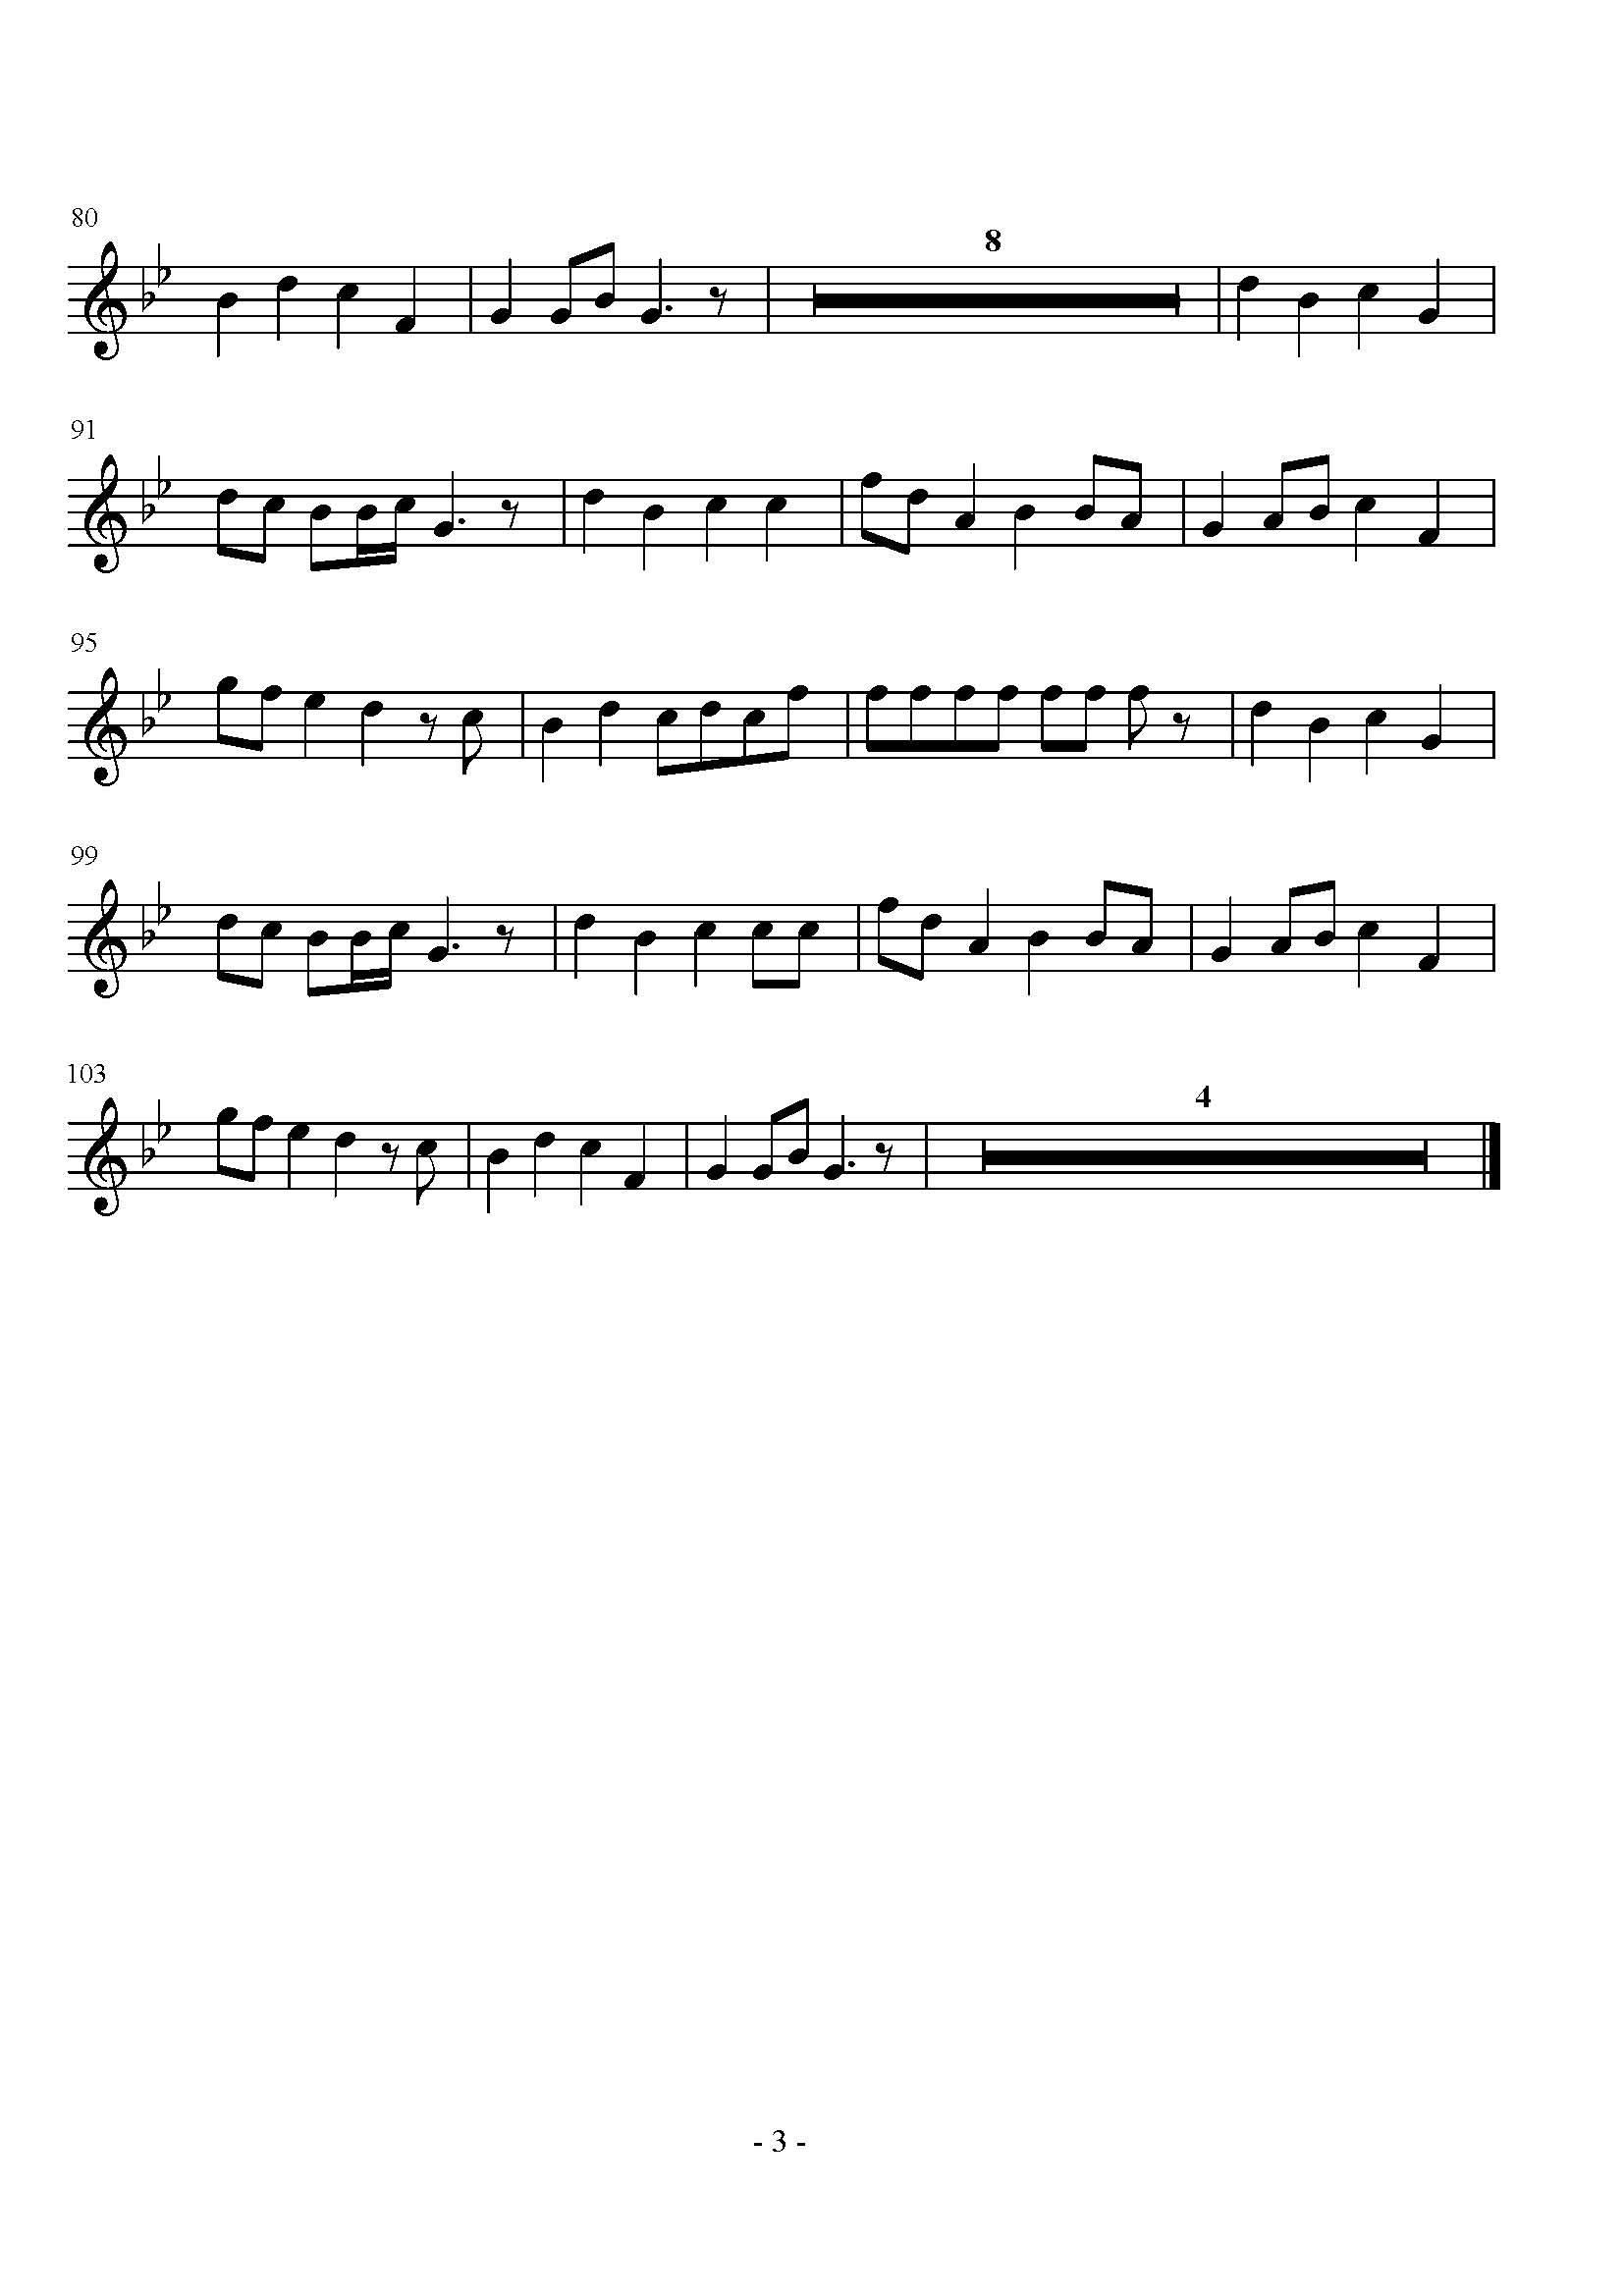 小苹果小提琴小提琴五线谱筷子兄弟